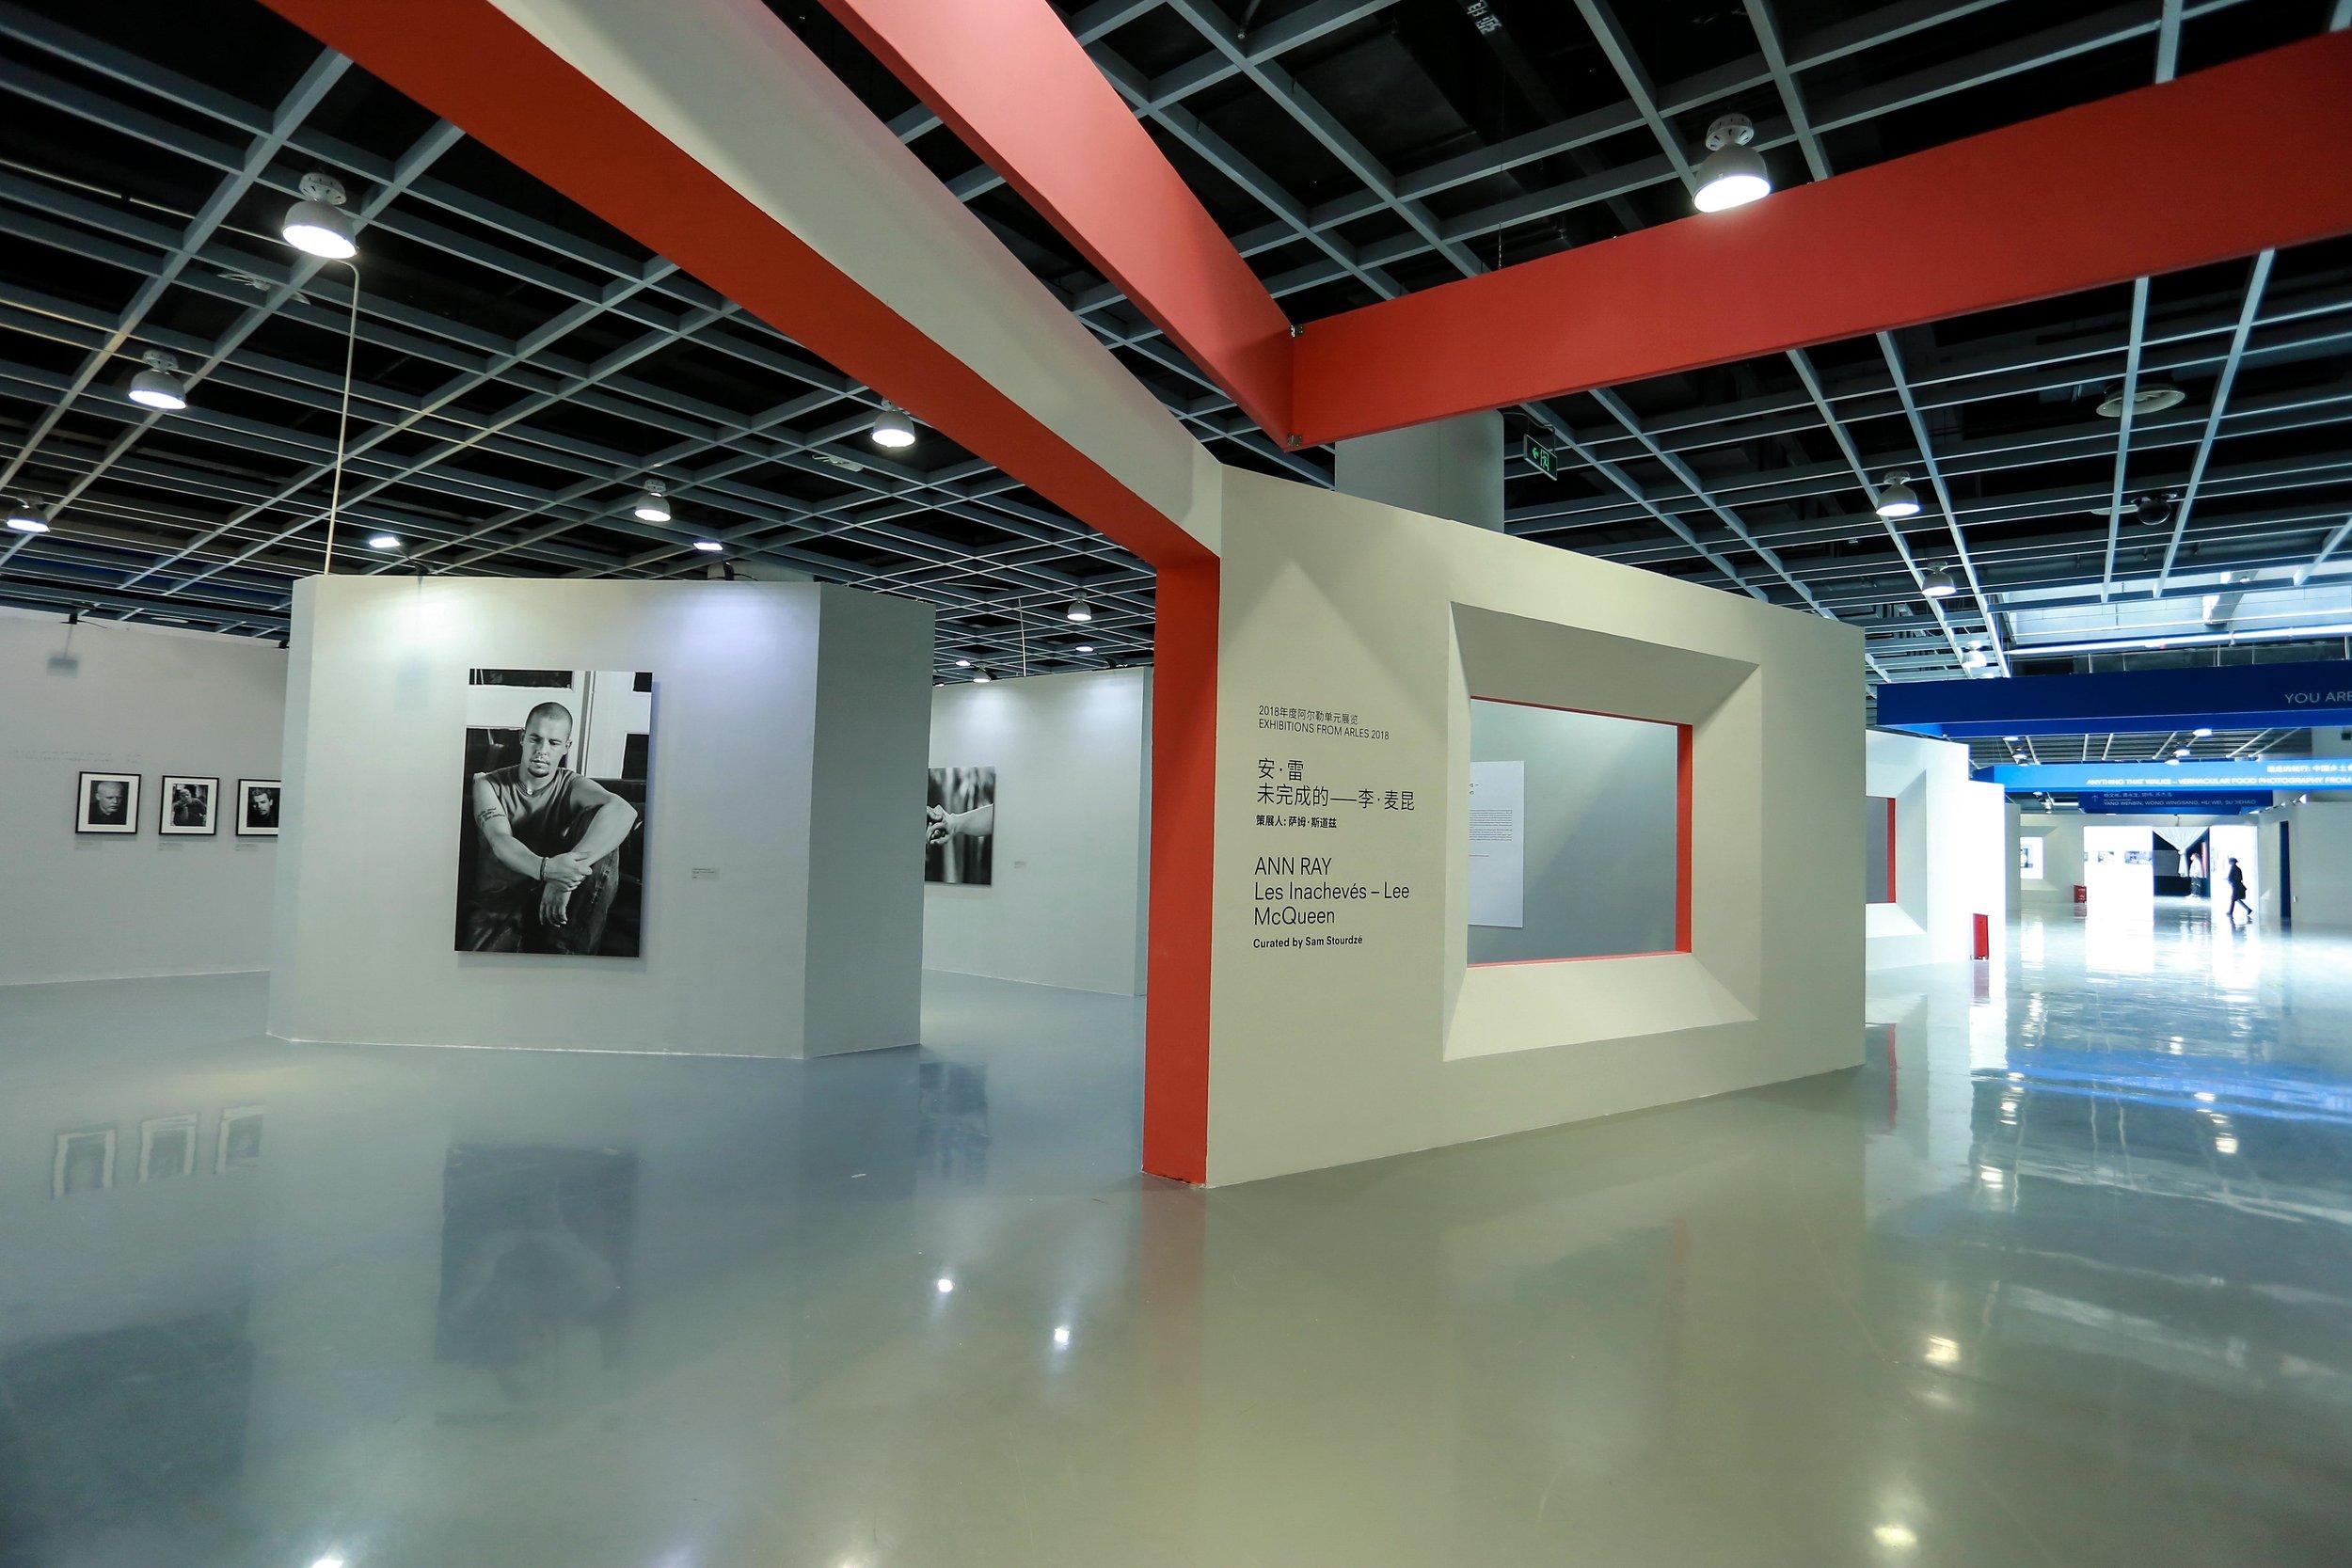 安·雷,《未完成的——李·麦昆》展览现场